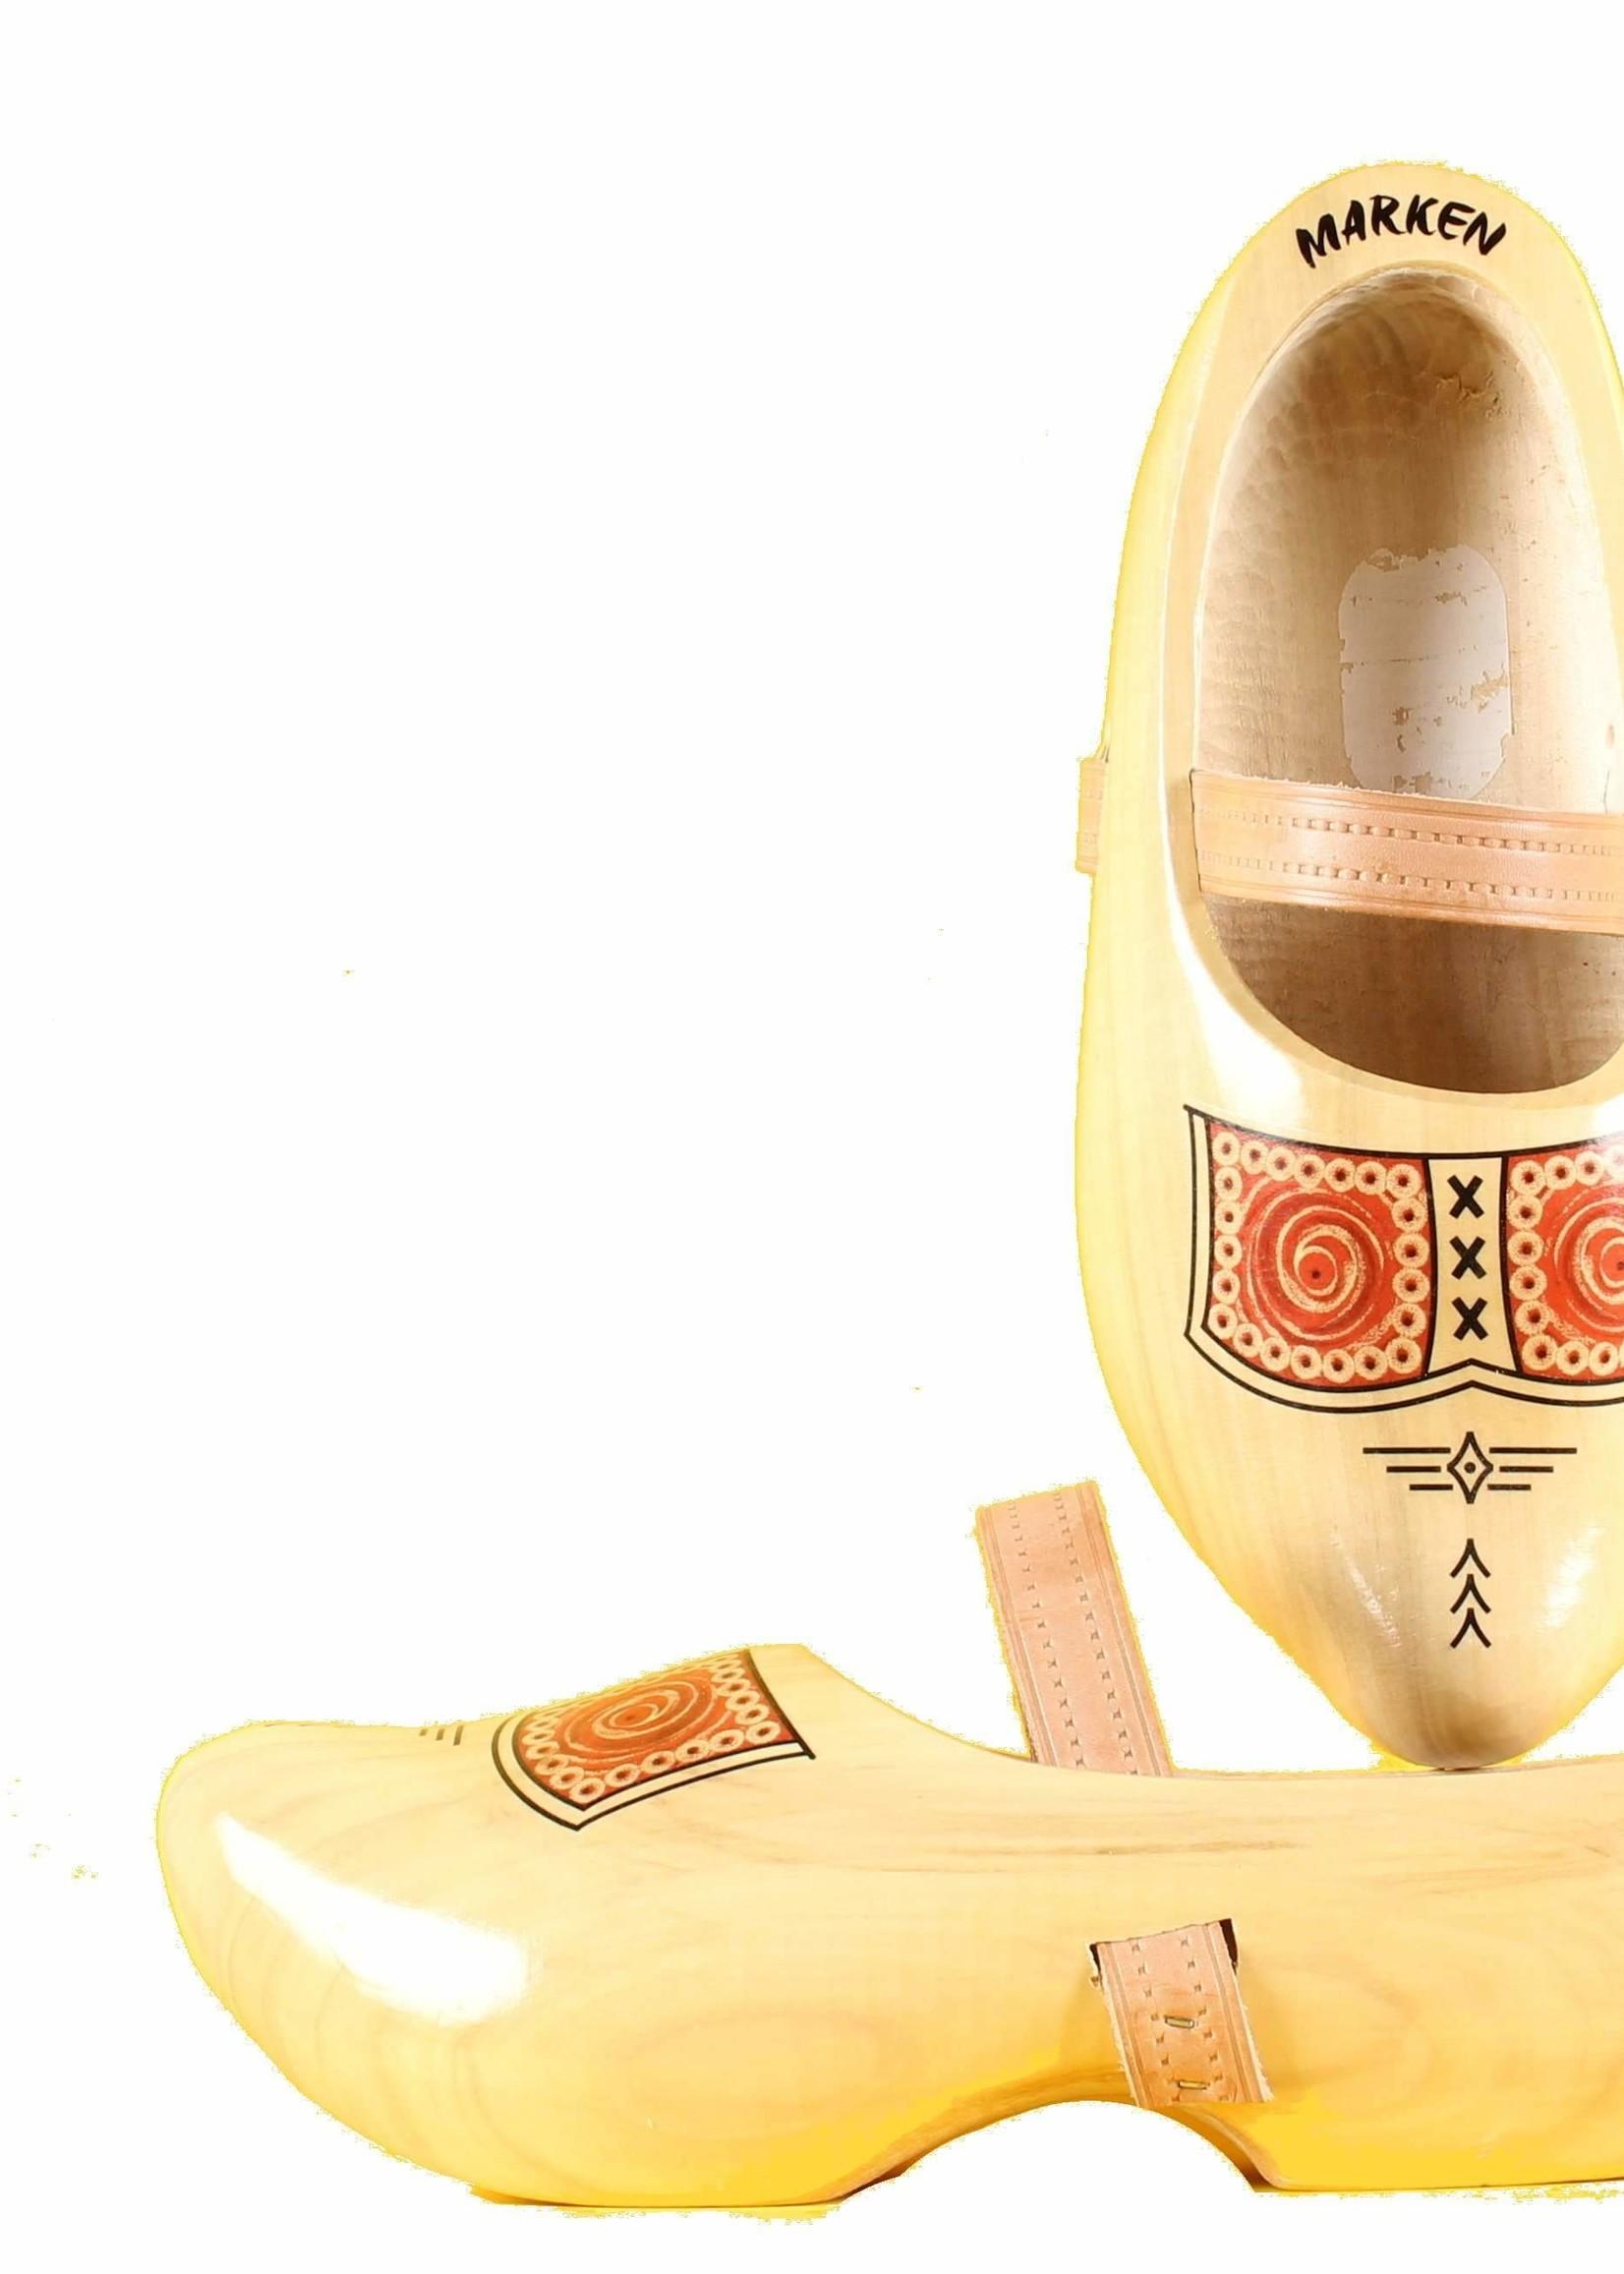 Wooden Shoe Factory Marken Tripklompen, Traditioneel Boeren Design, Klomp met Leren Band